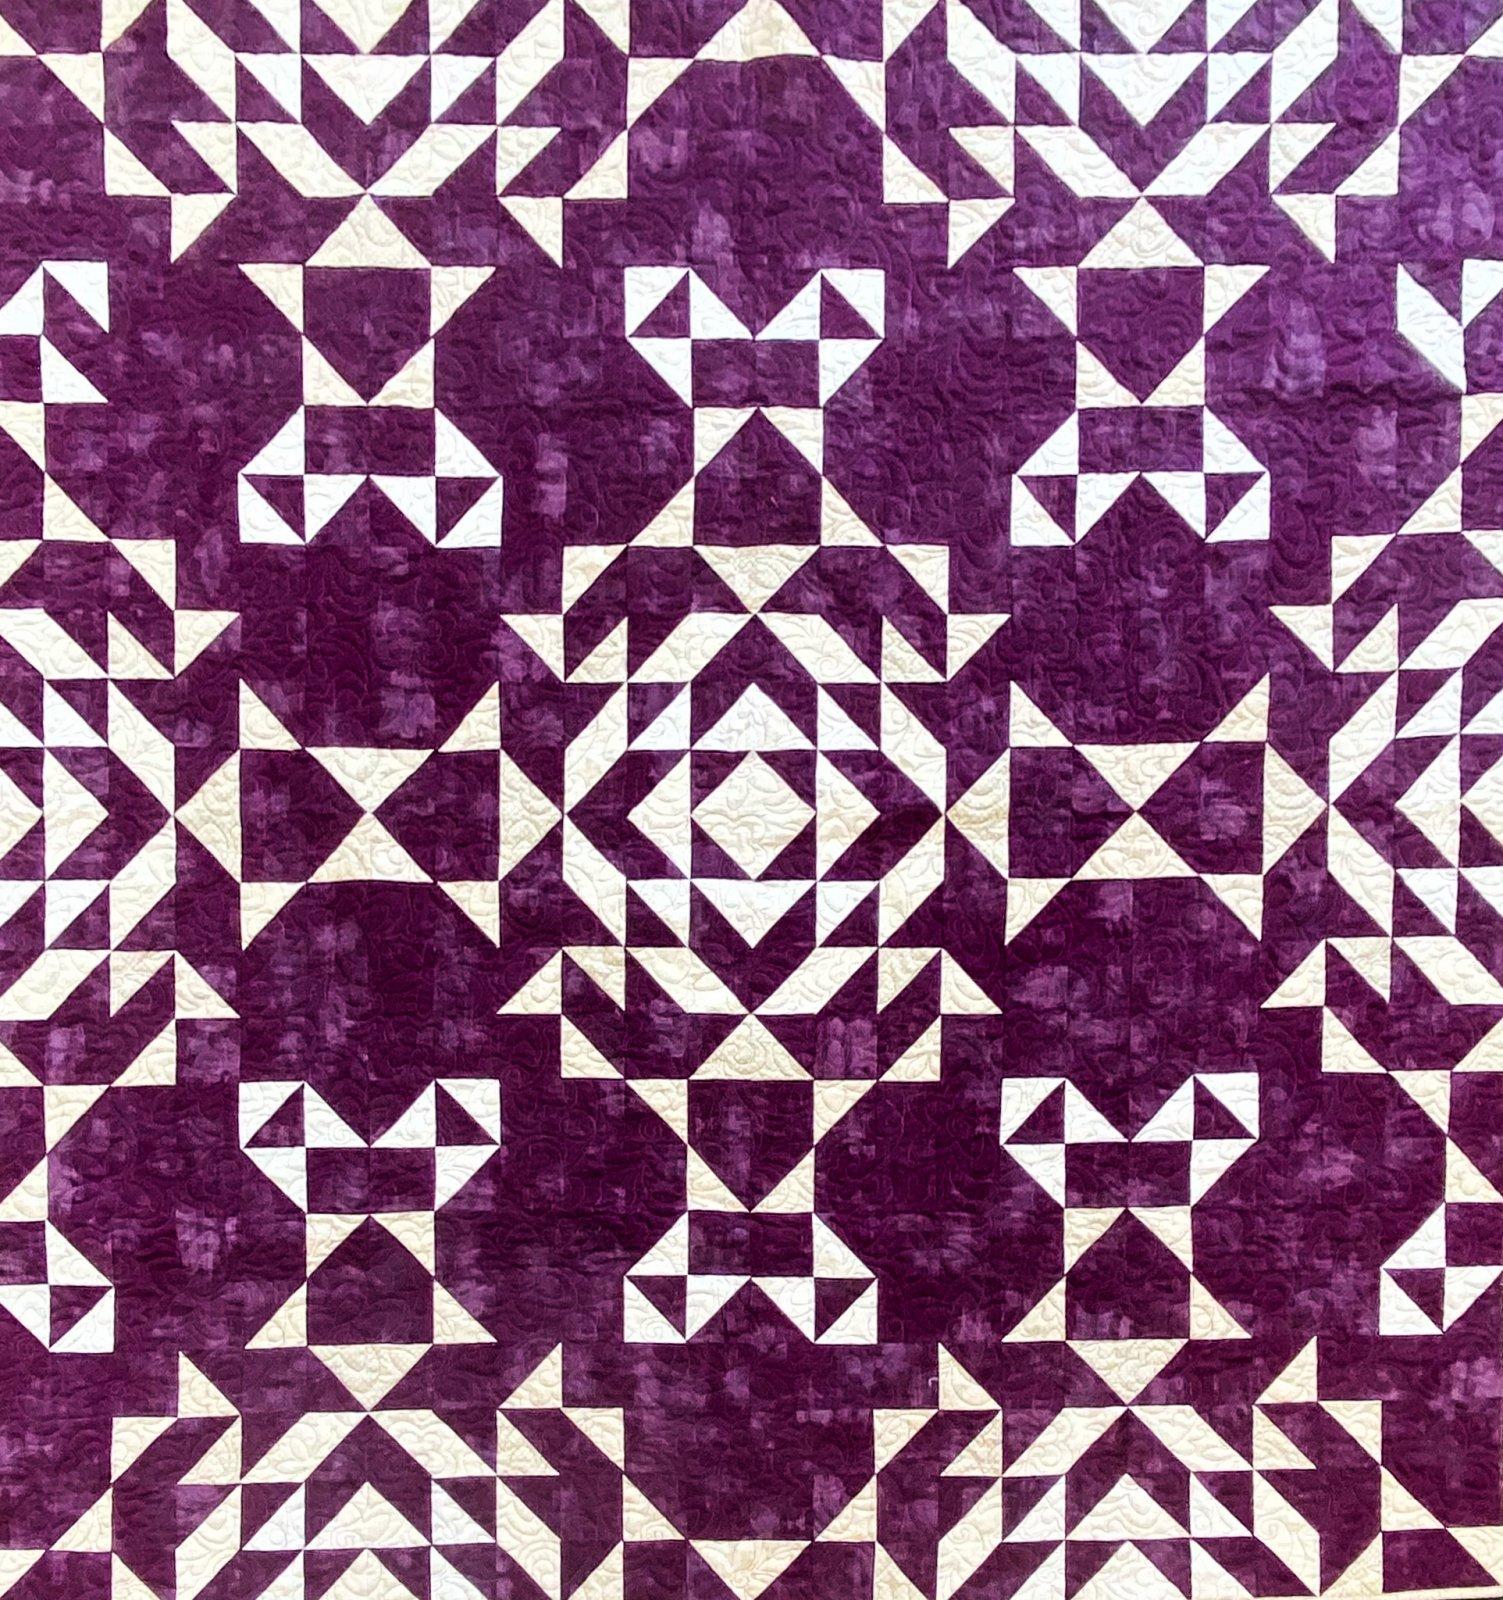 Vintage Lace Quilt Kit